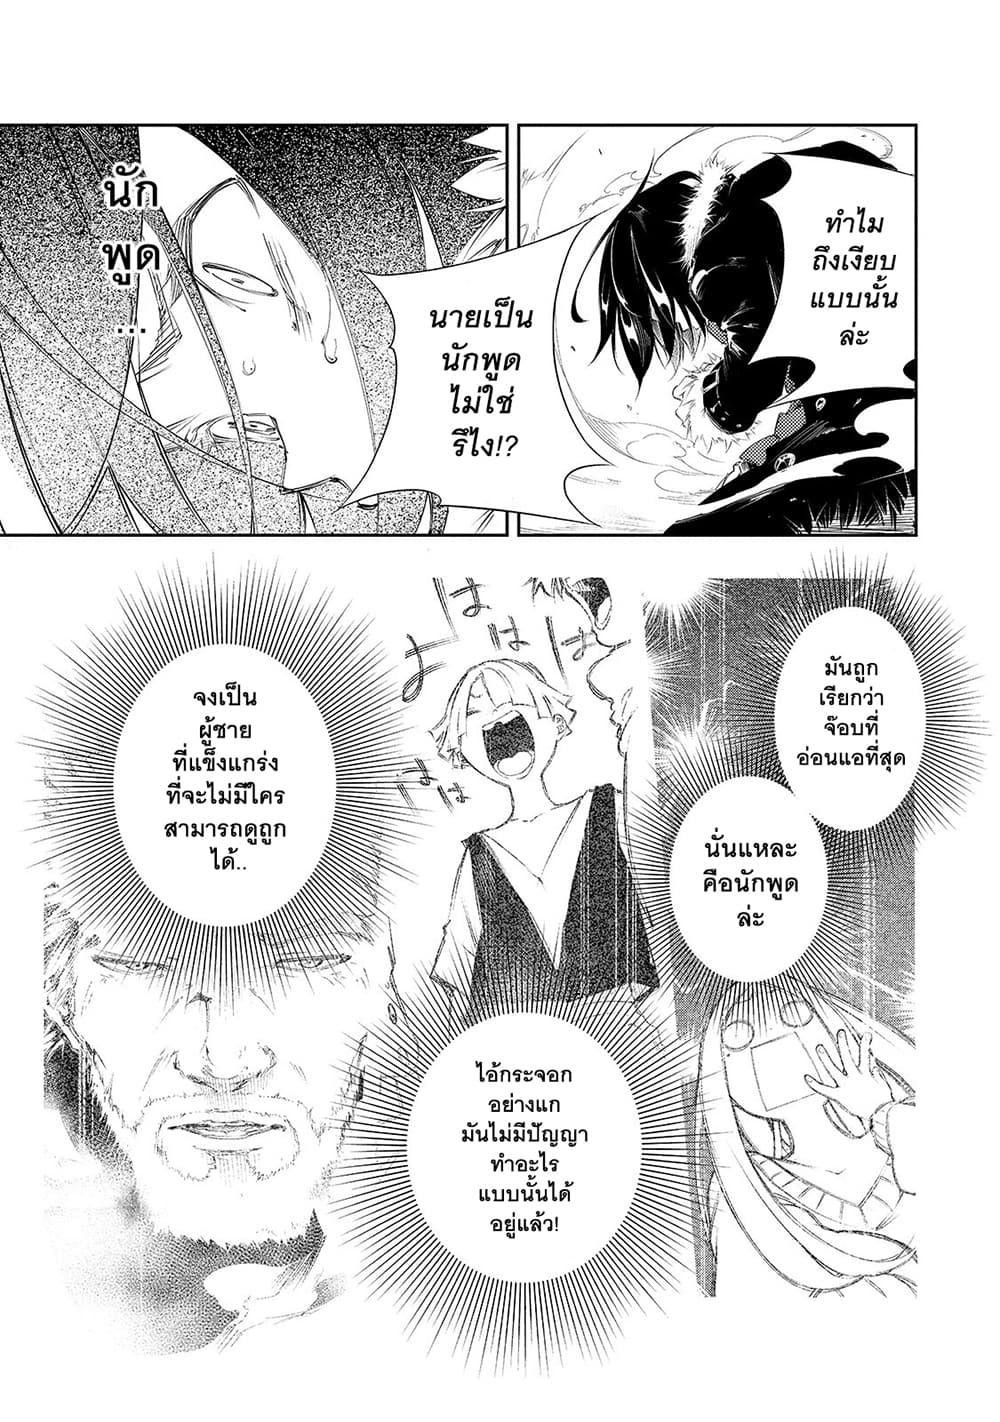 อ่านการ์ตูน Saikyou no Shien-shoku Wajutsushi Dearu Ore wa Sekai Saikyou Kuran o Shitagaeru ตอนที่ 2 หน้าที่ 24